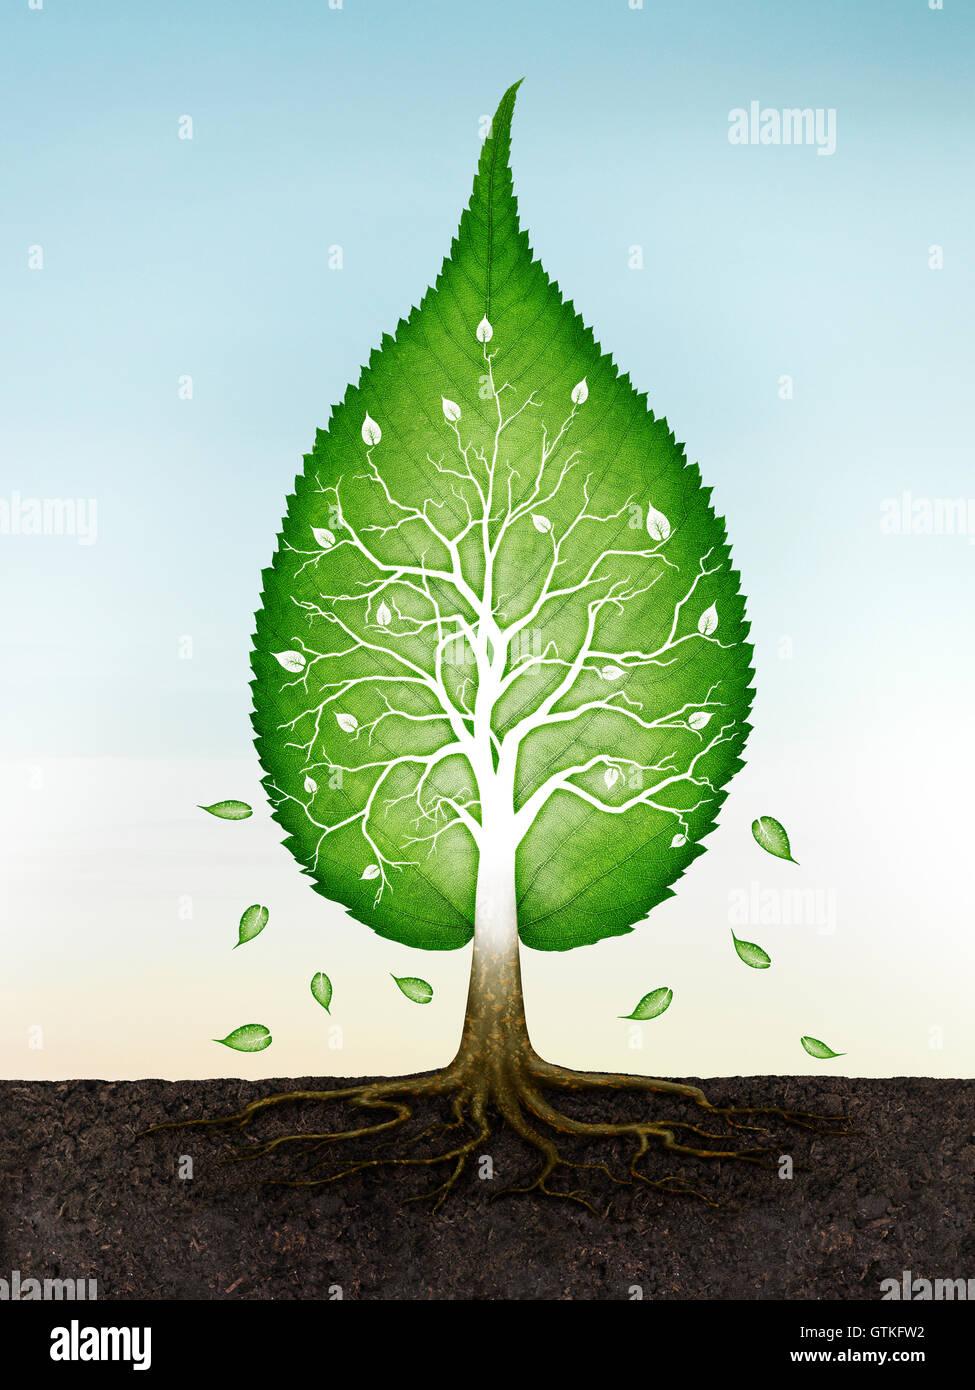 Arbre à feuilles vertes avec des racines dans la terre concept zen spirituel sur fond de ciel bleu. Photo illustration Photo Stock